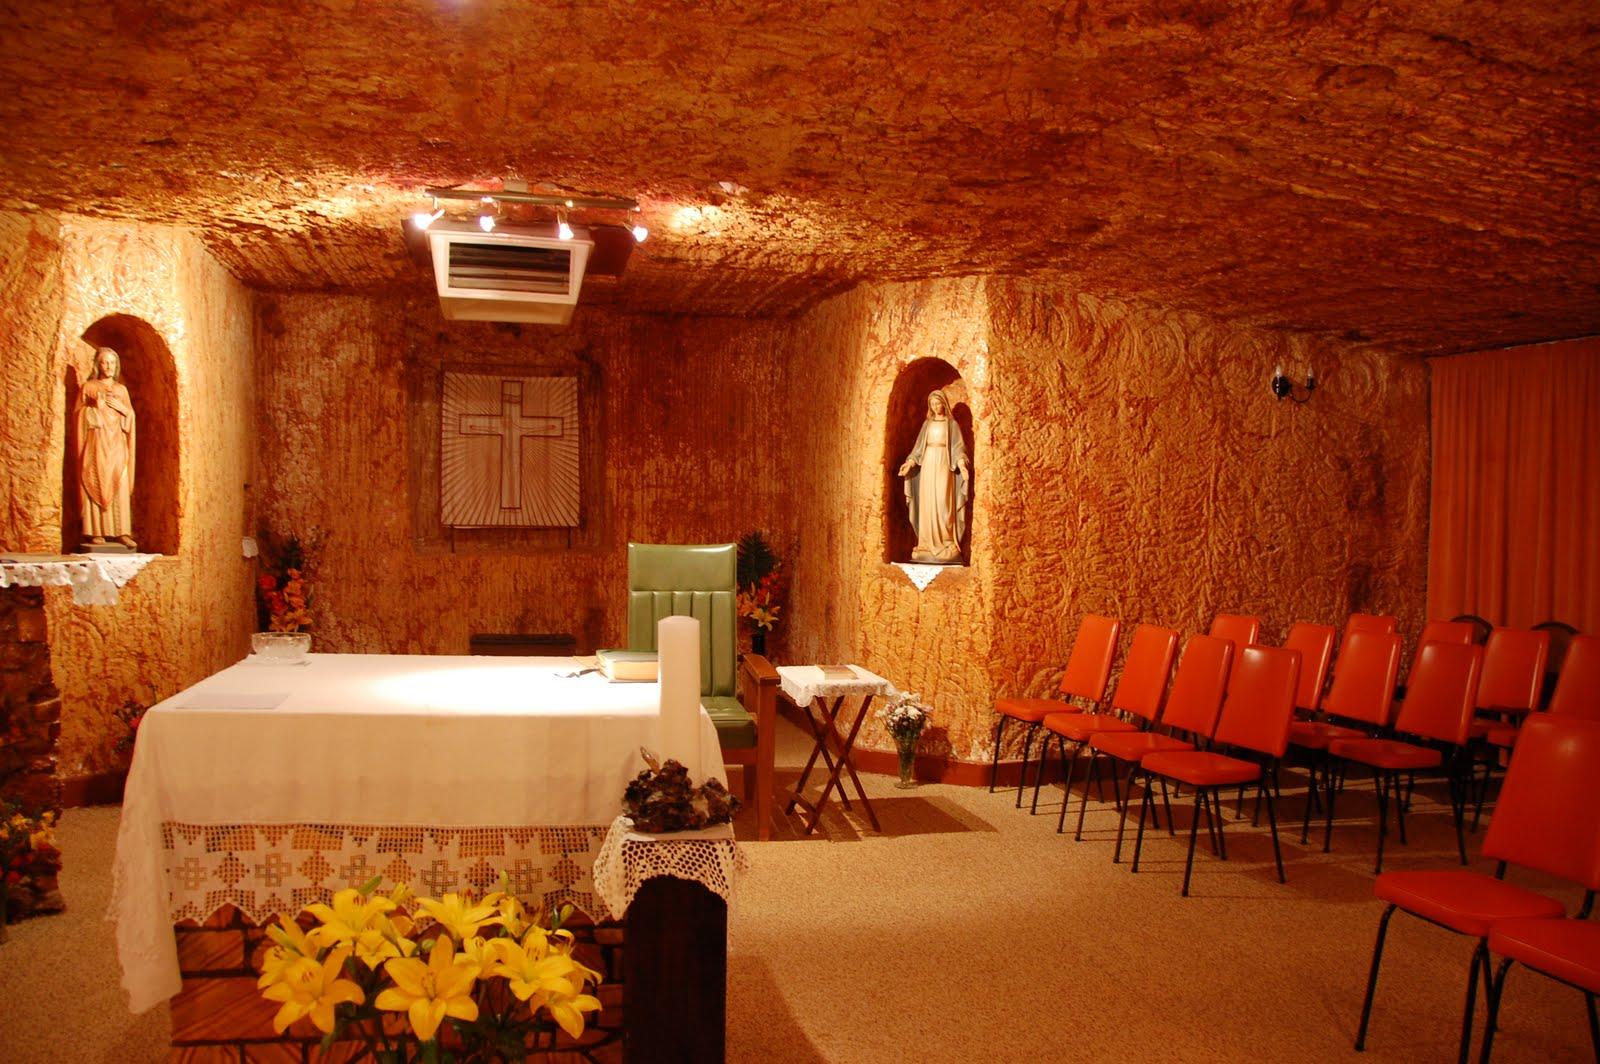 Underground church, interior, Coober Pedy, Australia